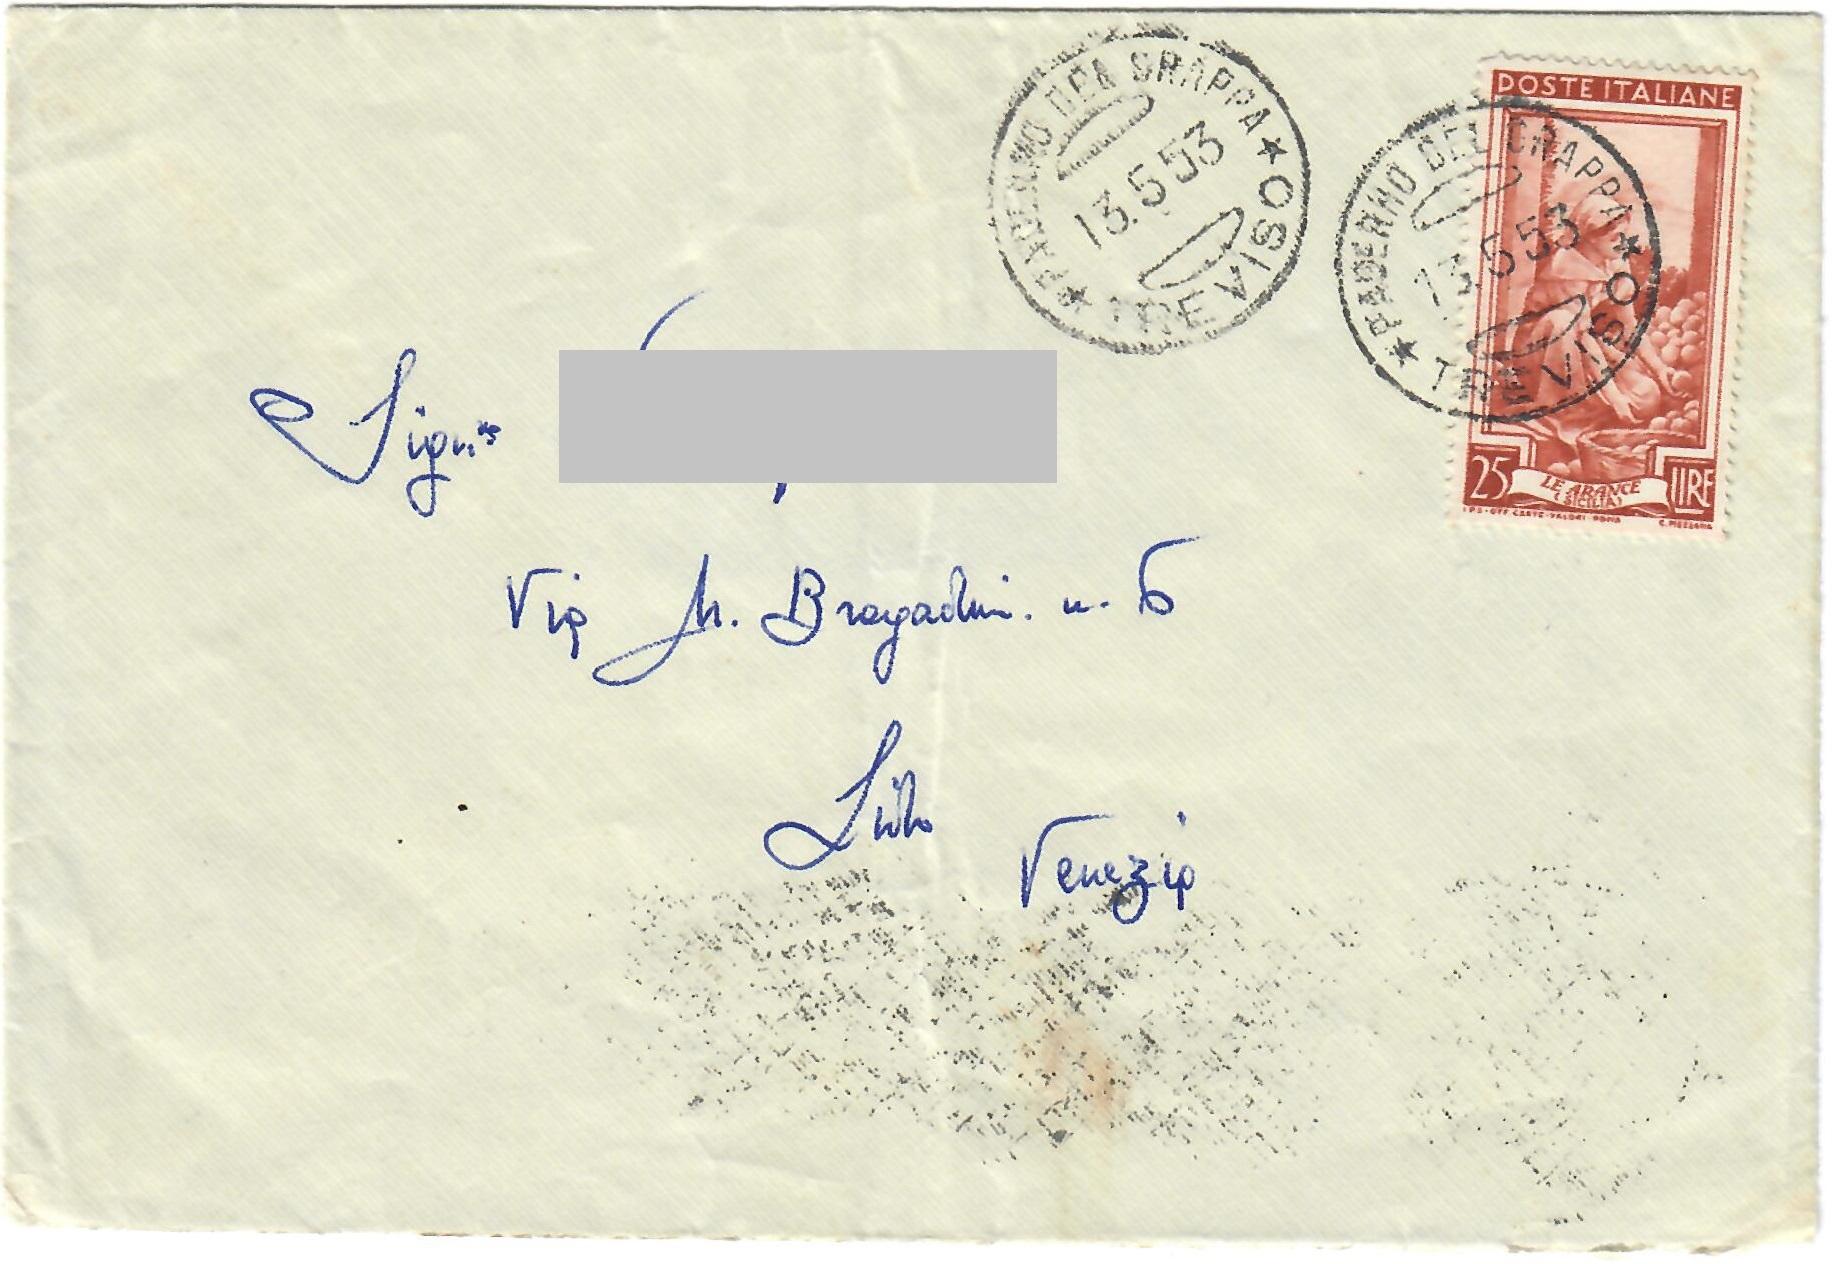 cei0600_isolato_1953_censored